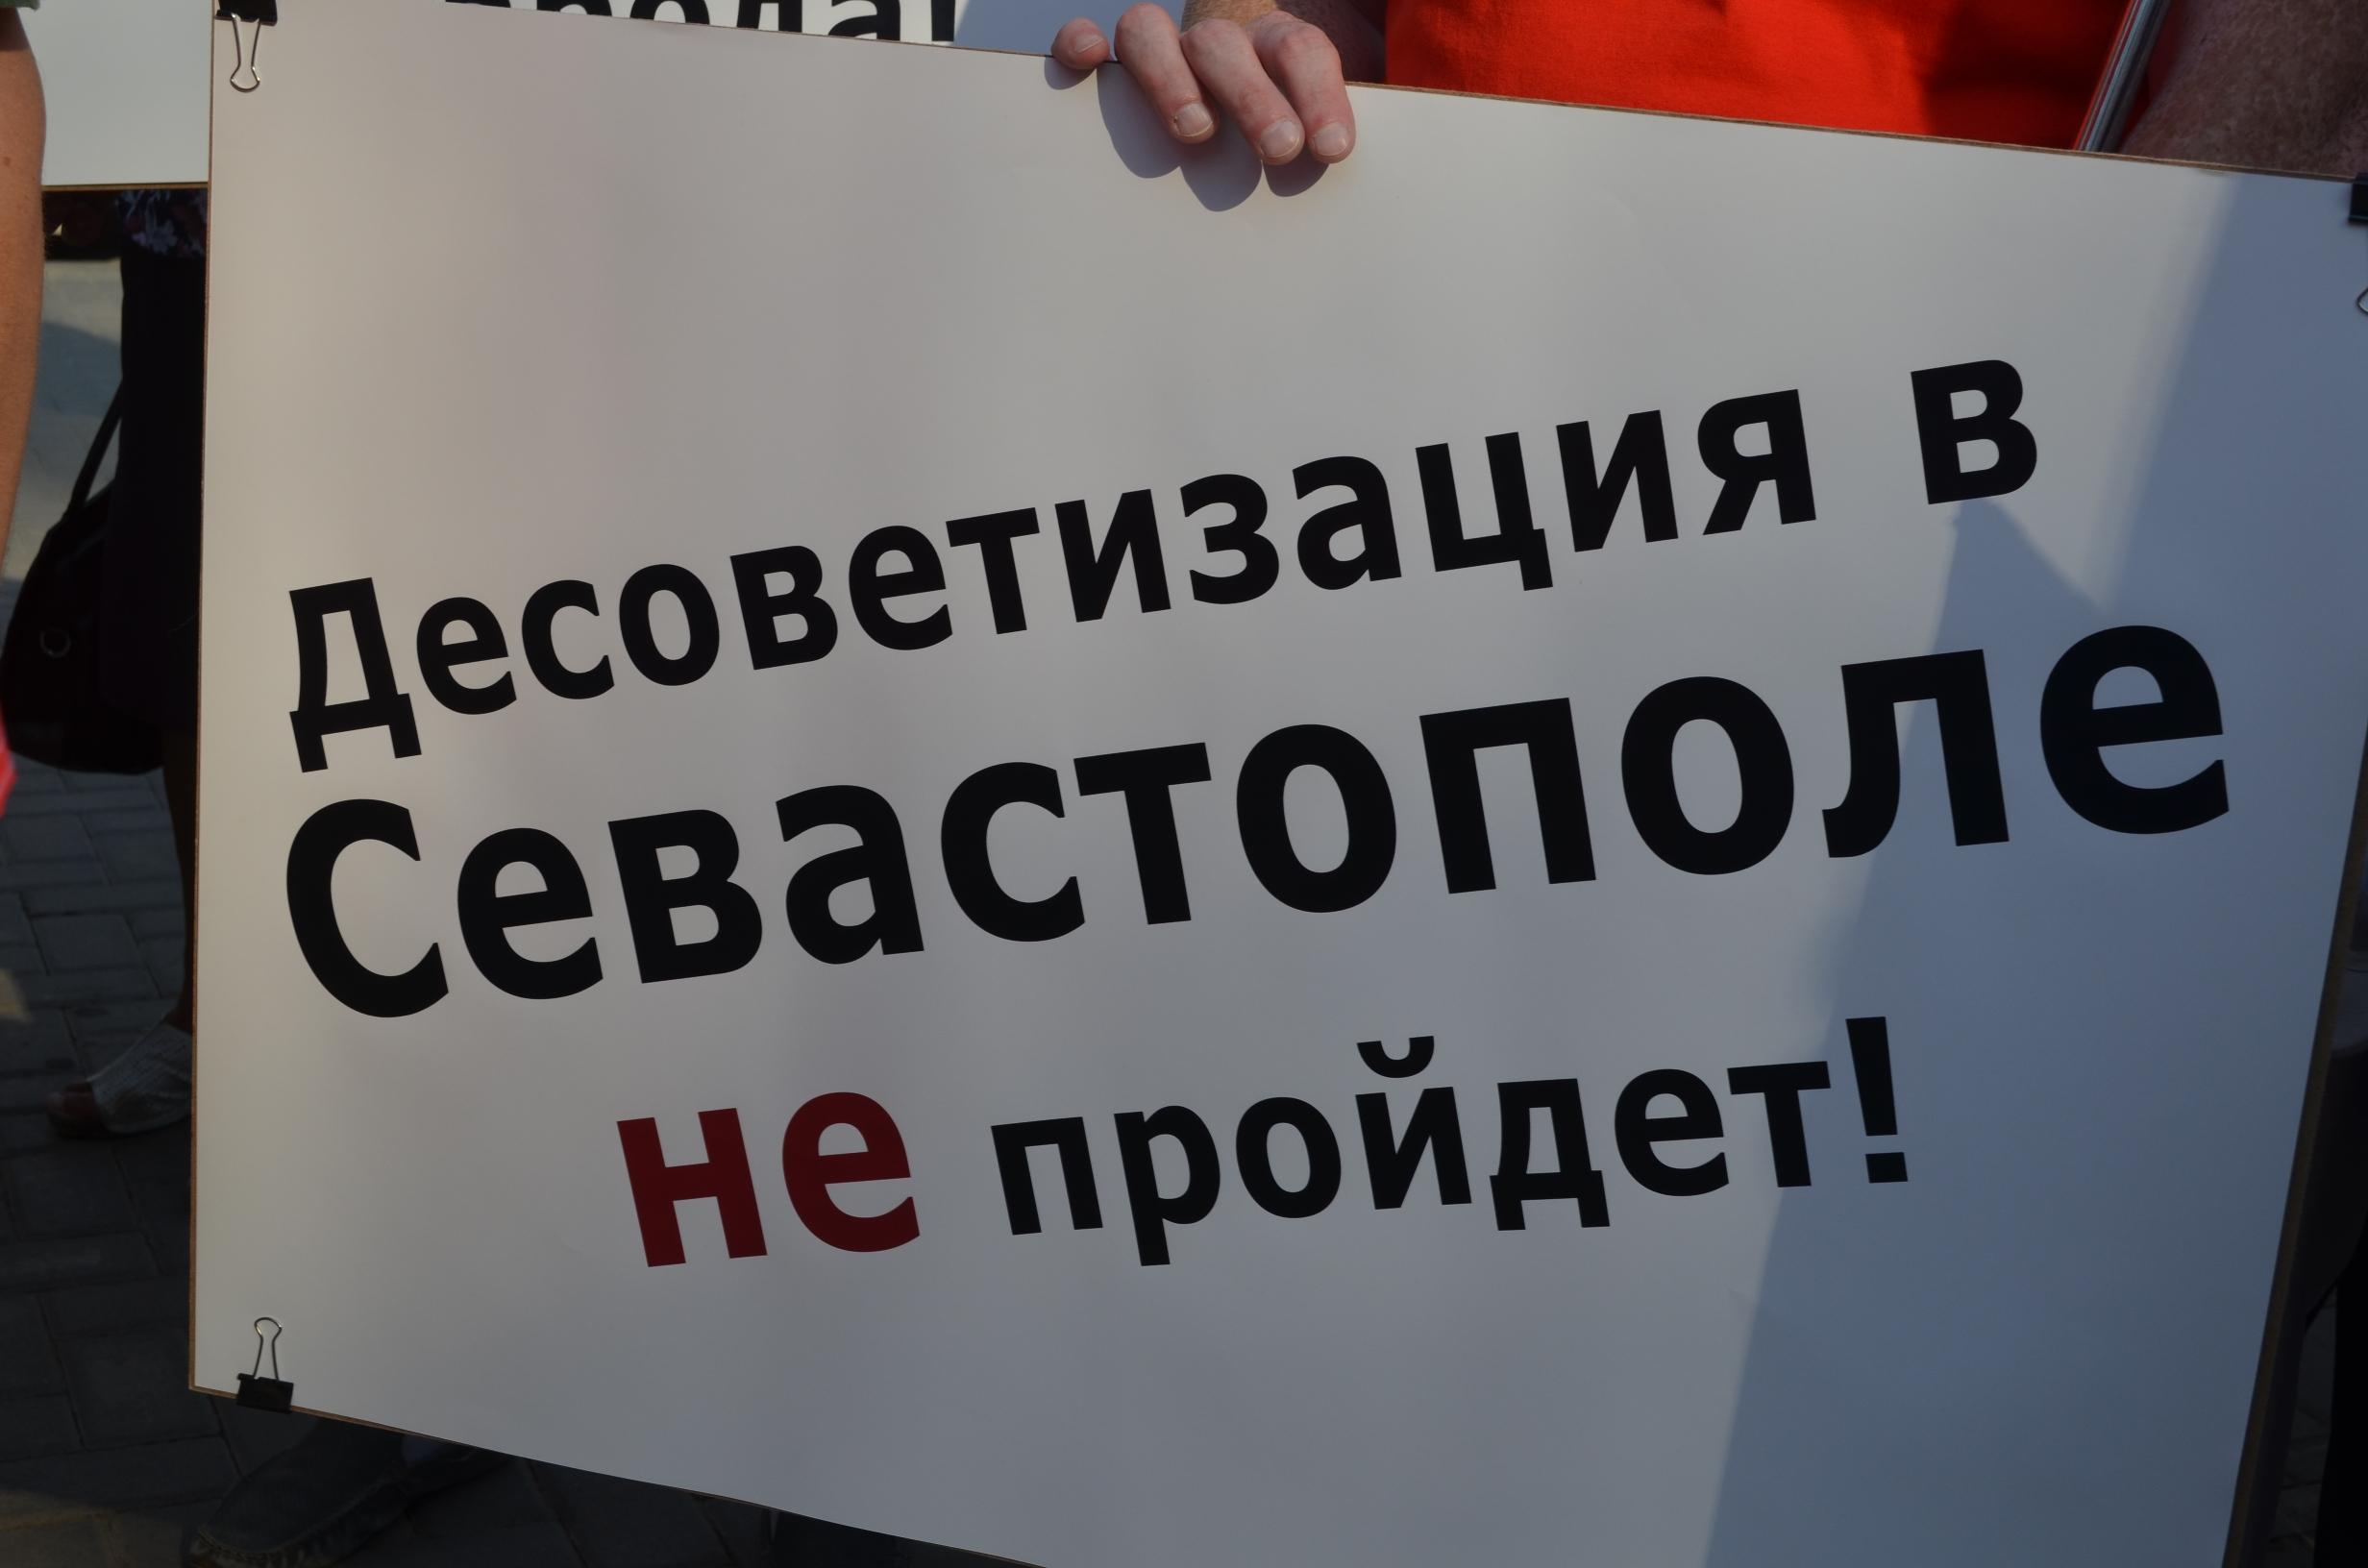 20170804-Антисоветизм в Севастополе не пройдёт- севастопольцы вышли на митинг против памятника примирению-pic4